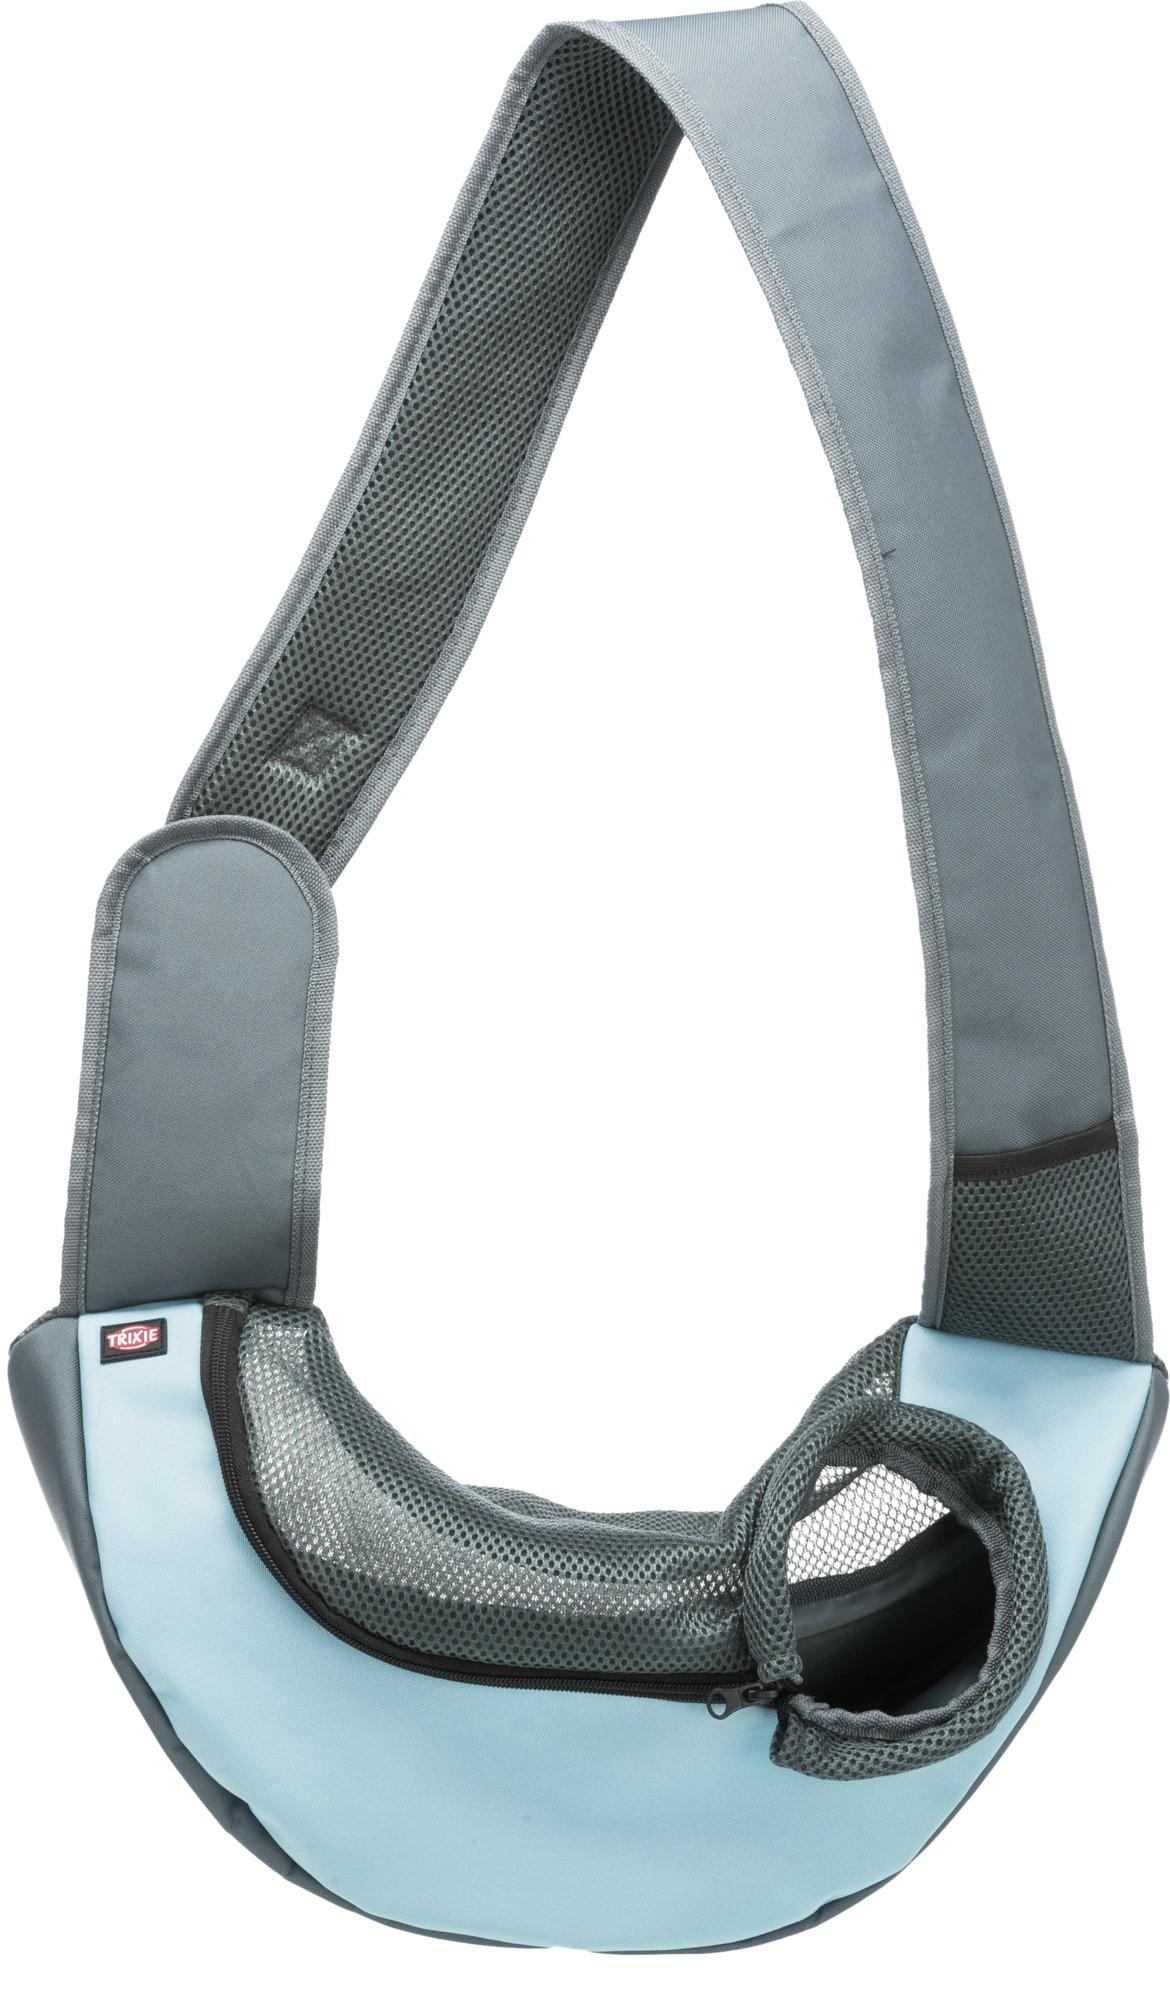 TRIXIE Fronttasche Sling TRIXIE Fronttasche Sling, 50 × 25 × 18 cm, hellgrau/hellblau